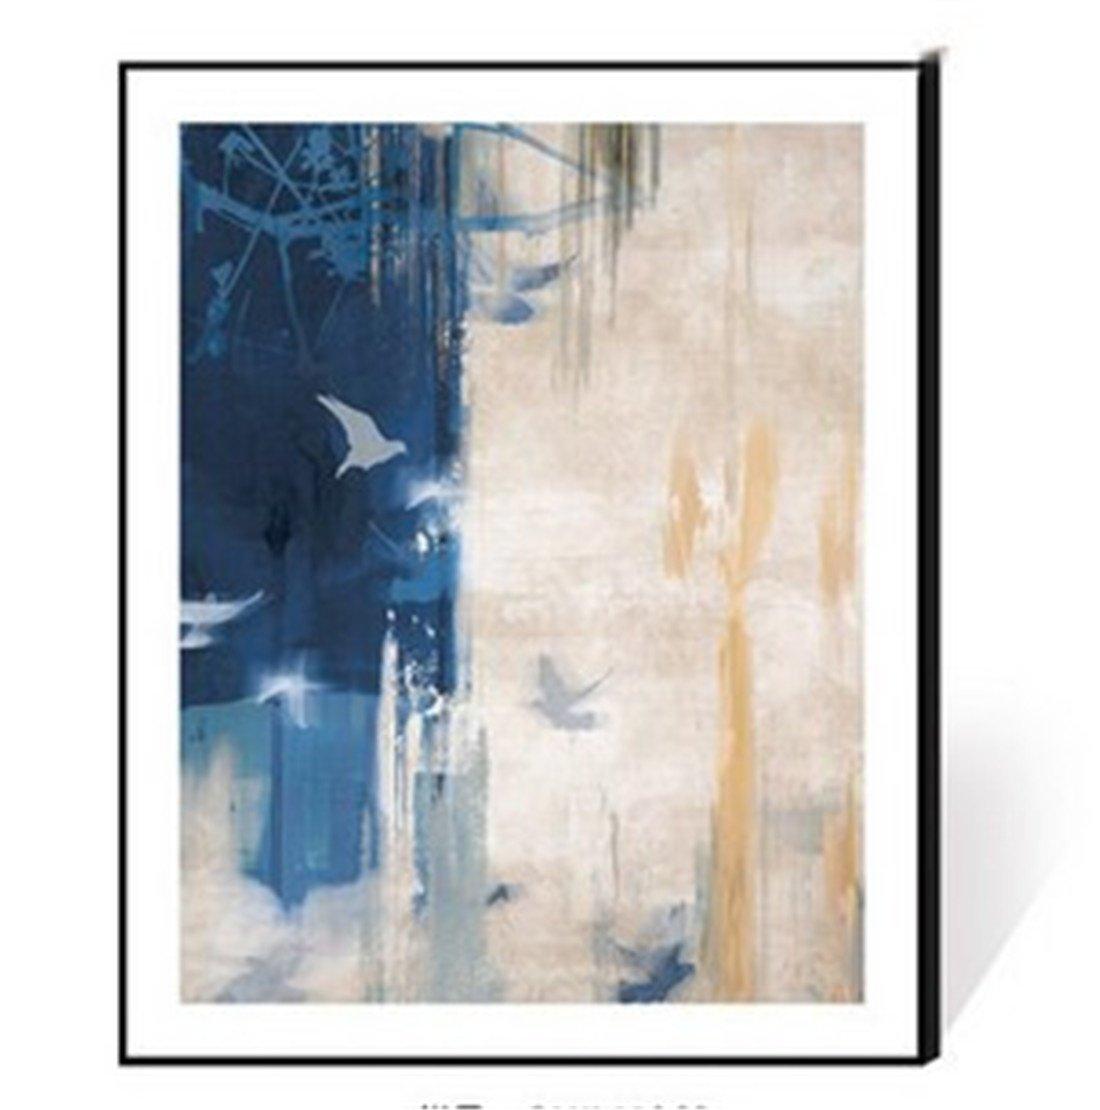 forma única YIZHANGEstilo Minimalista Moderno de la Sala de Estar Estar Estar de Que Pinta la Pintura Minimalista Moderna del Marco de Aluminio Que Pinta la Pintura Mural del Tono Azul Abstracto (los 35  45cm), b  muchas sorpresas